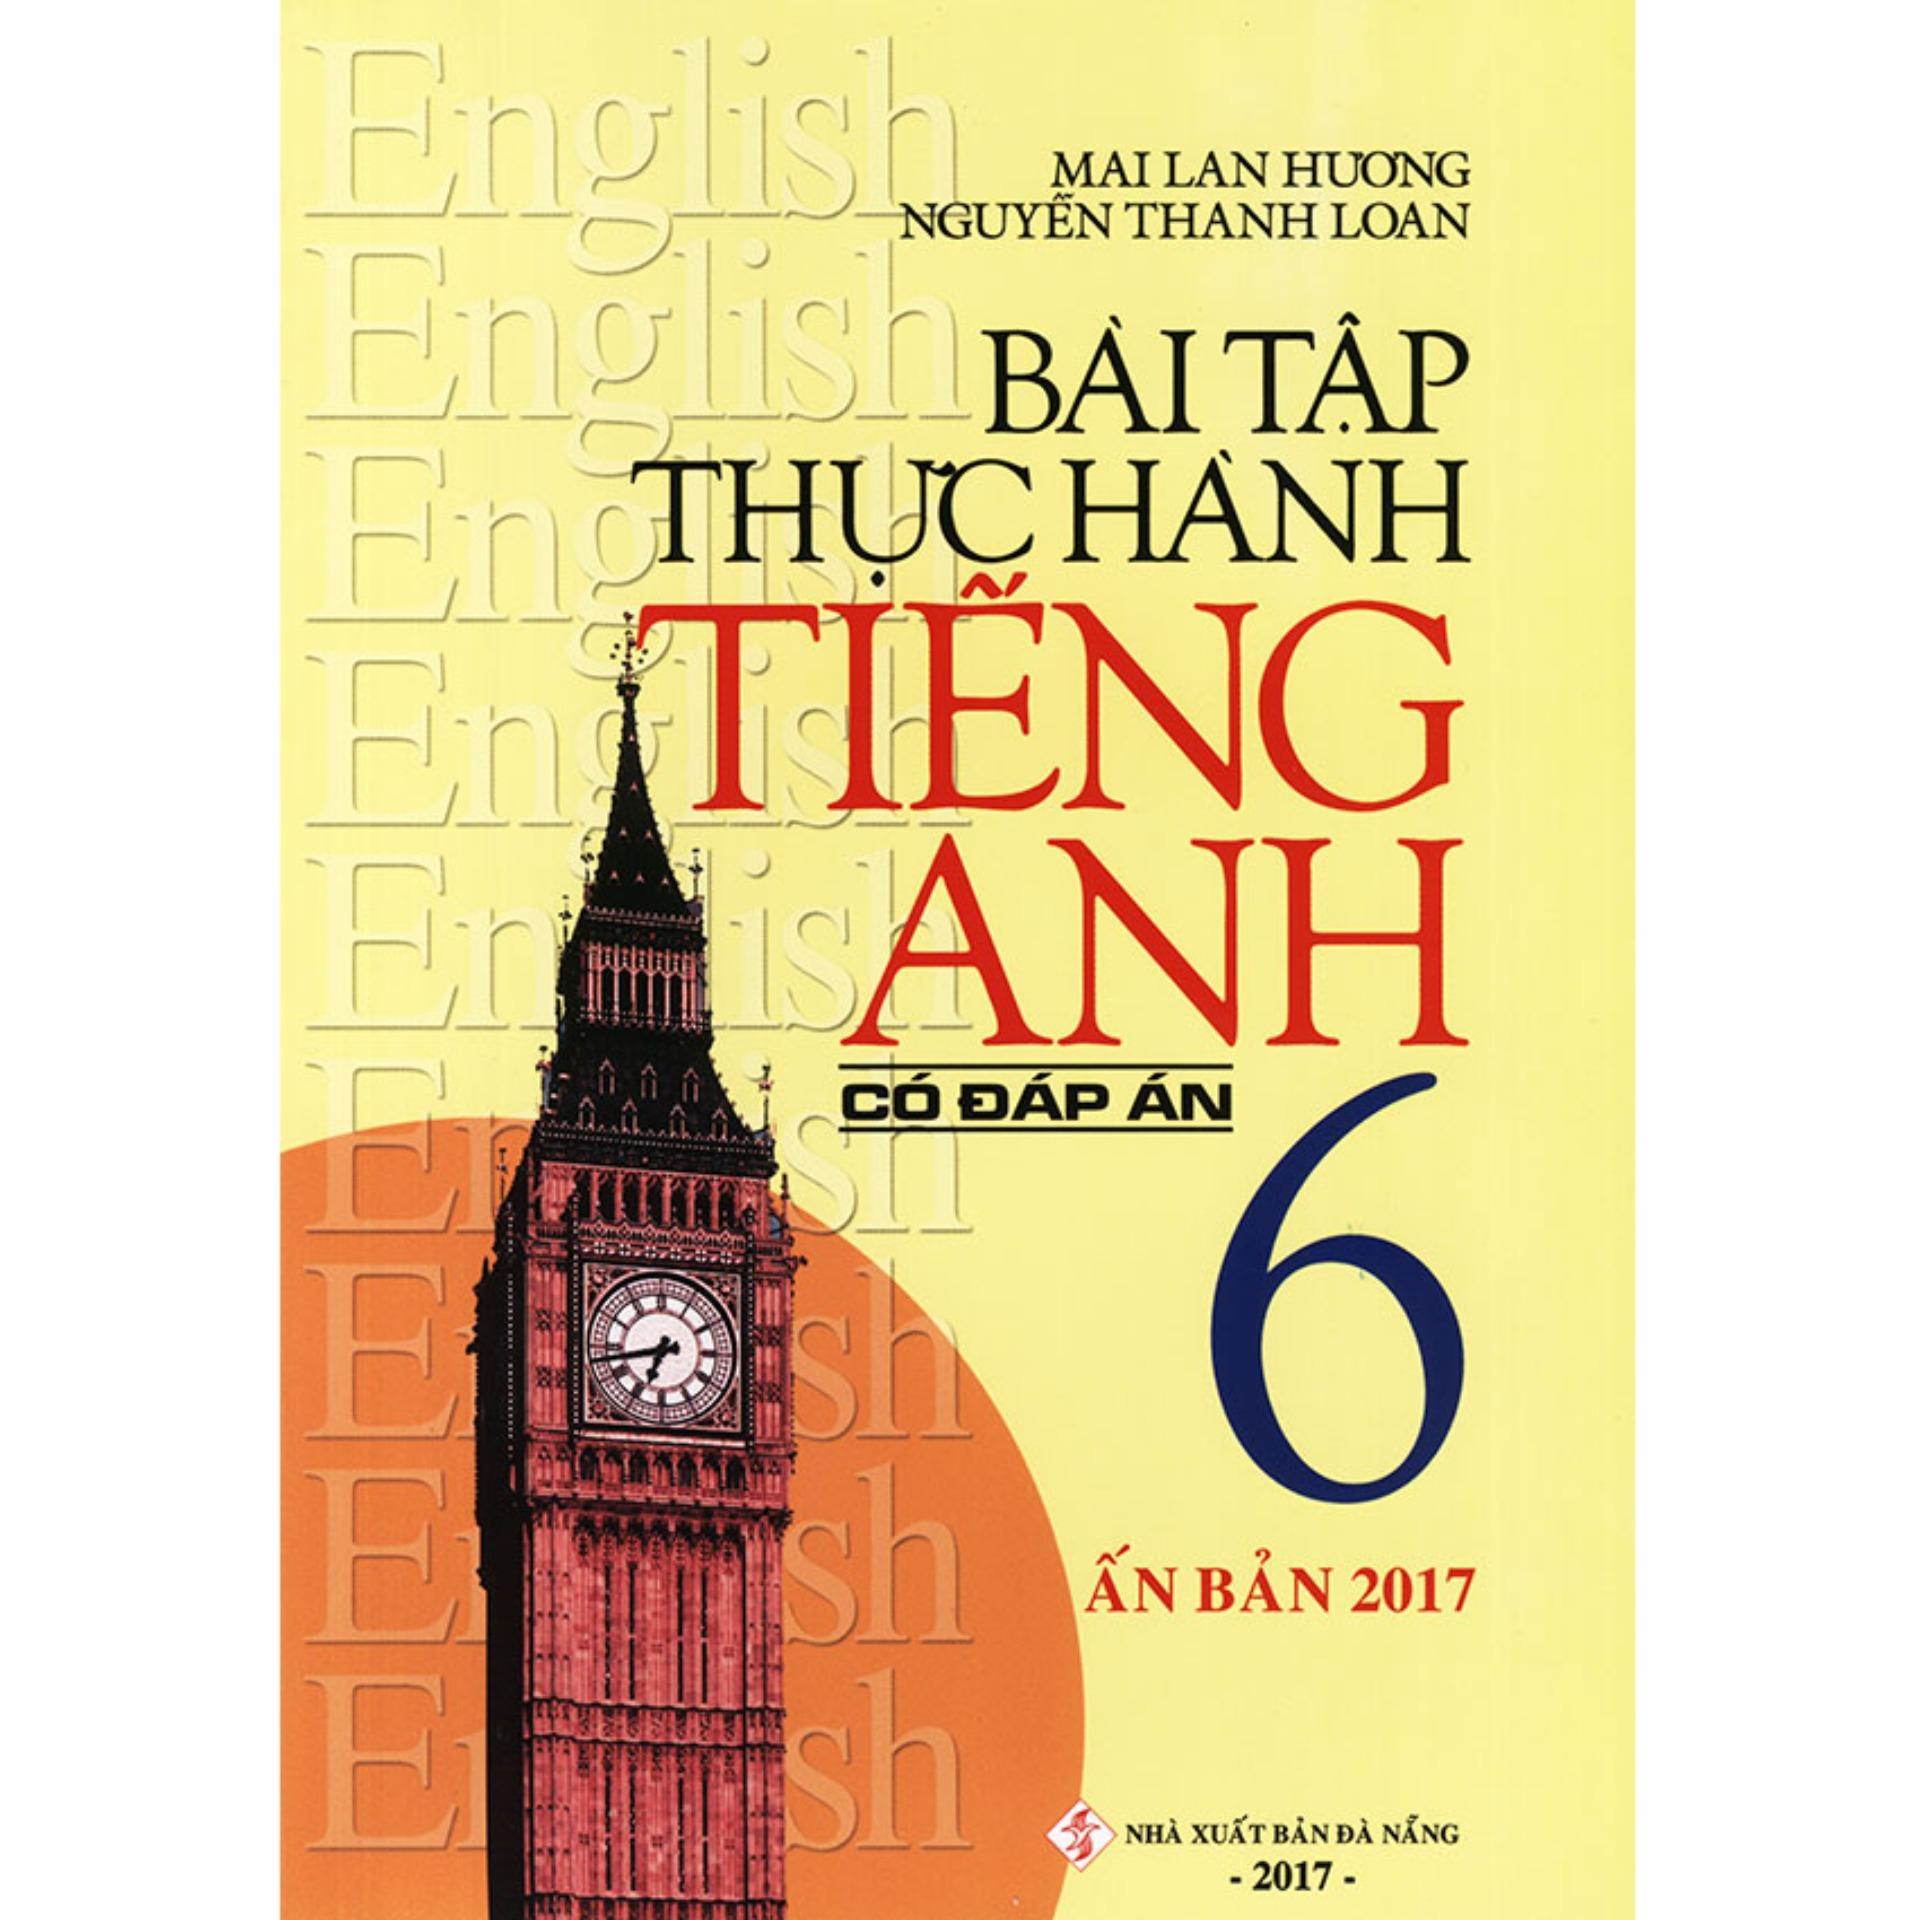 Mua Bài tập thực hành tiếng Anh lớp 6 - Có đáp án - Mai Lan Hương